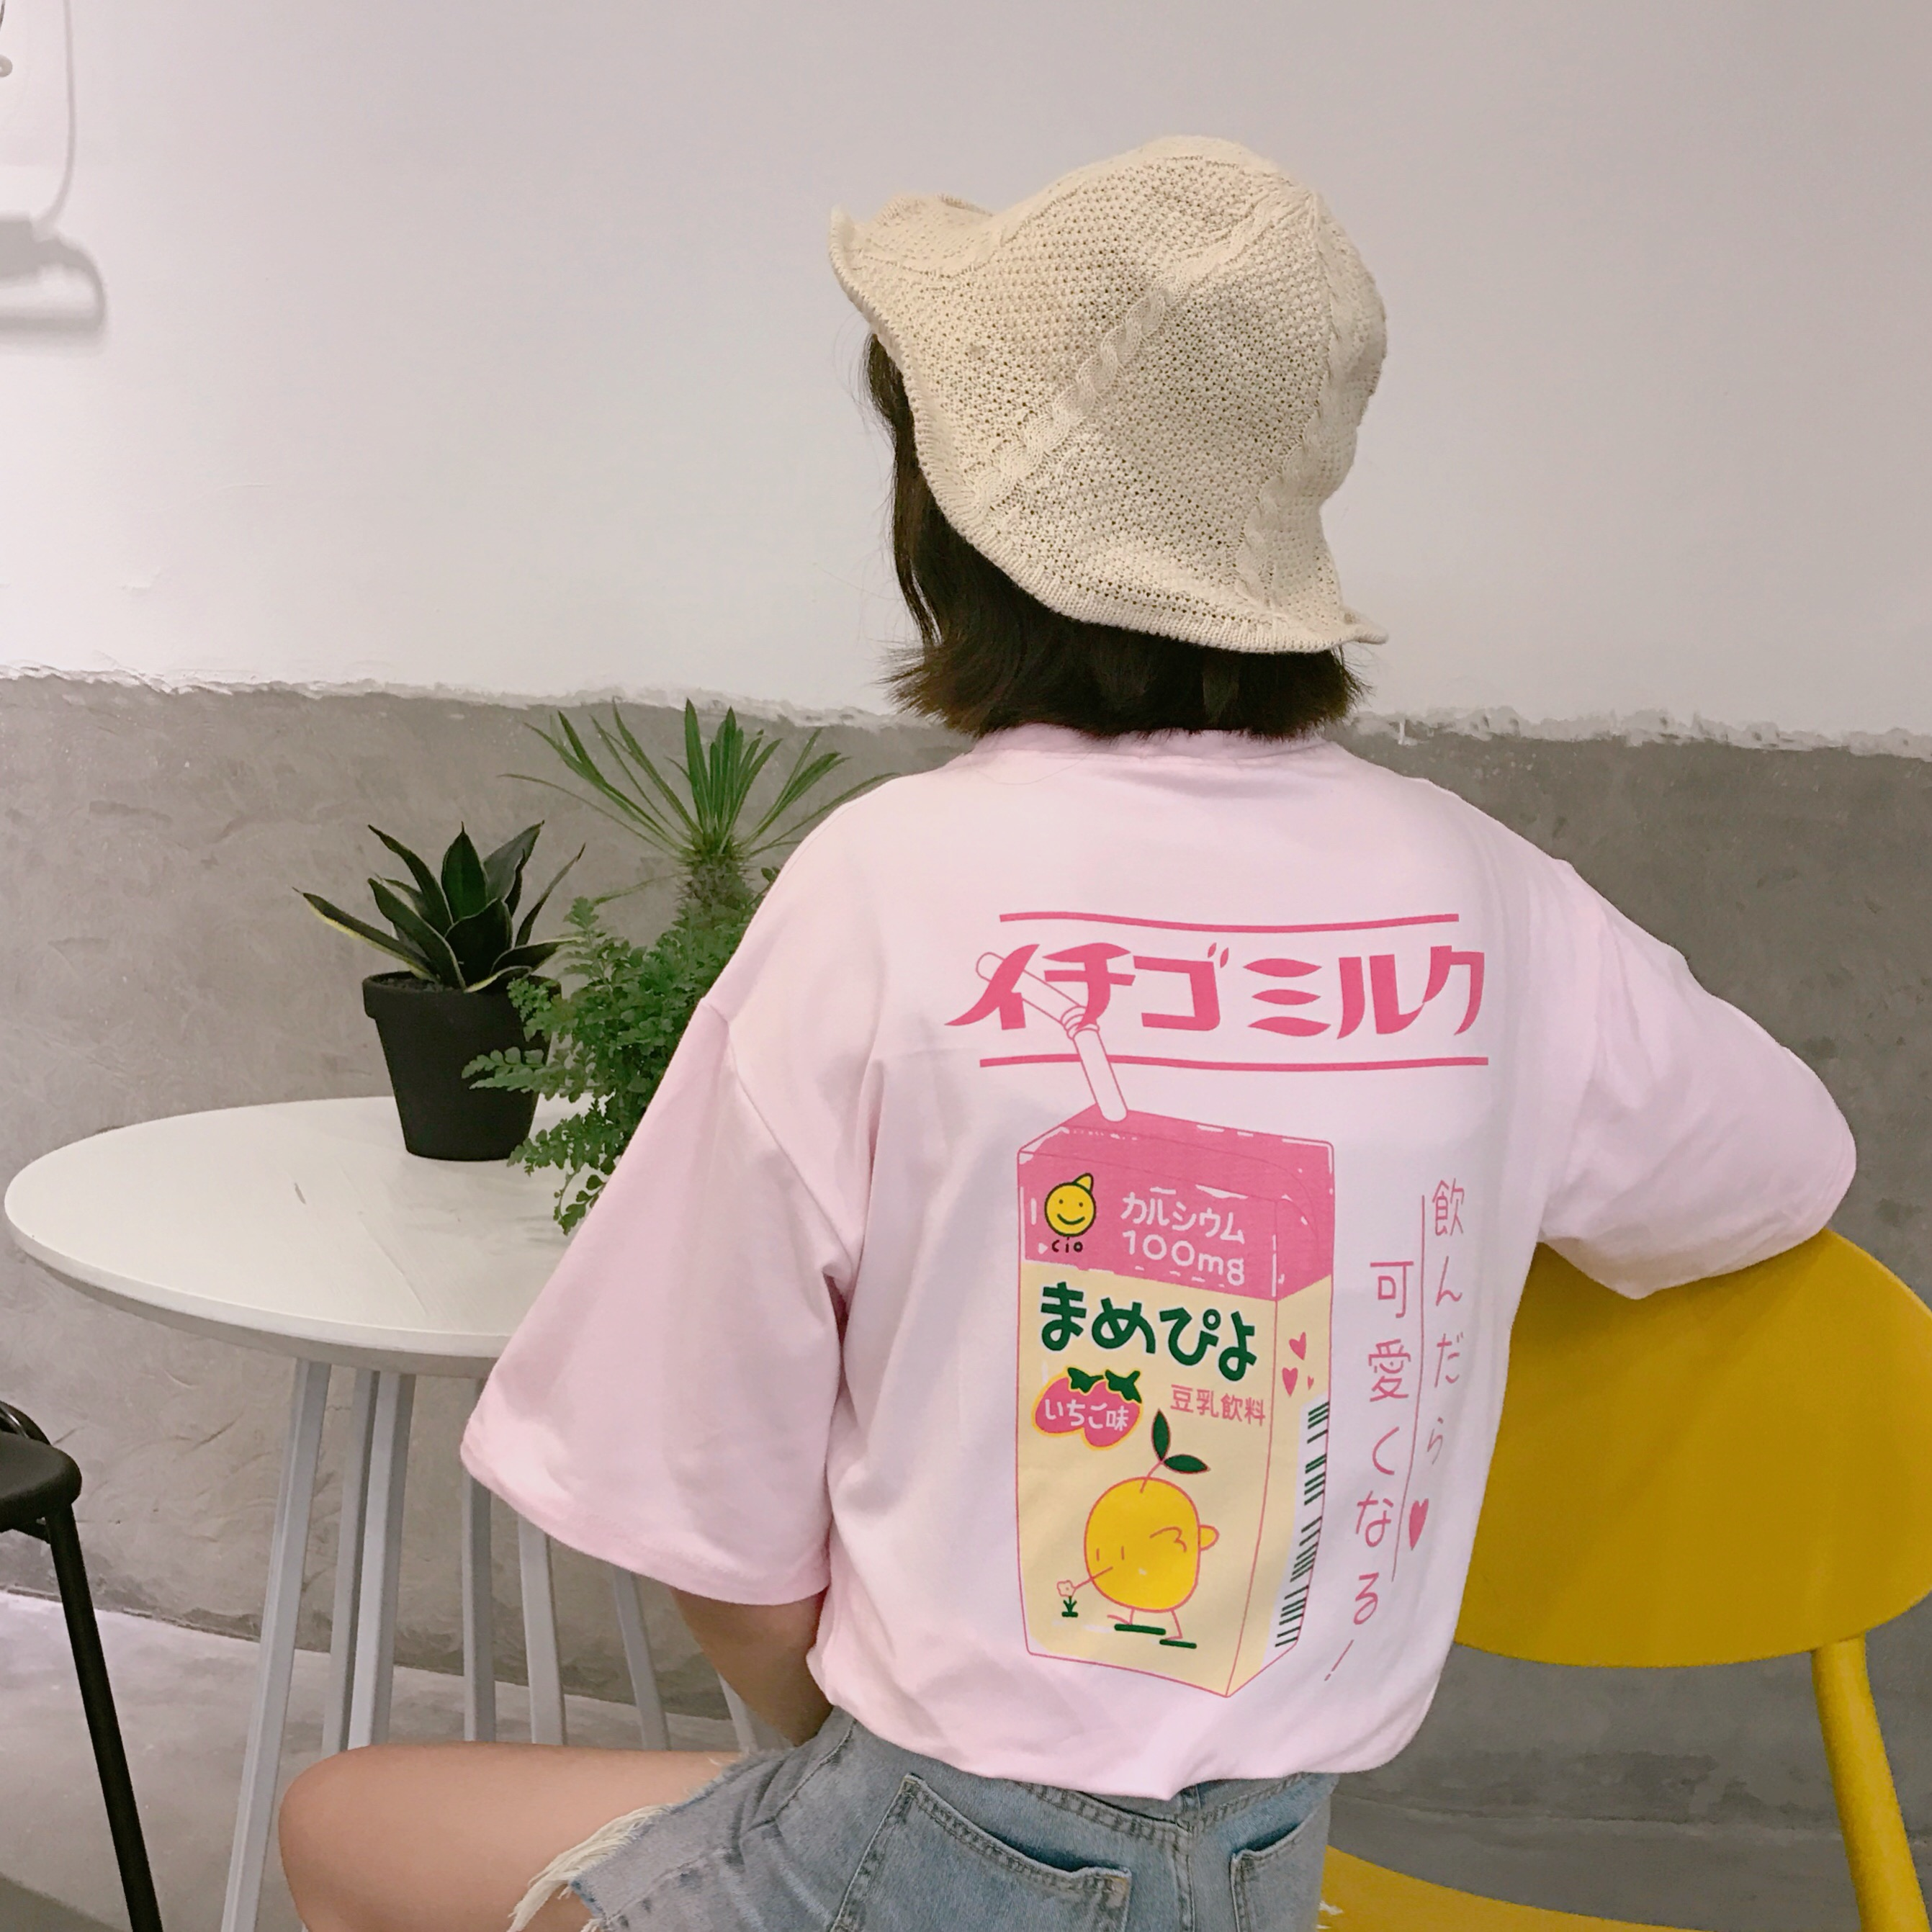 2017 sommer Japanischen brief nette frische einfache weiche baumwolle adrette kurzarm weibliche t-shirts